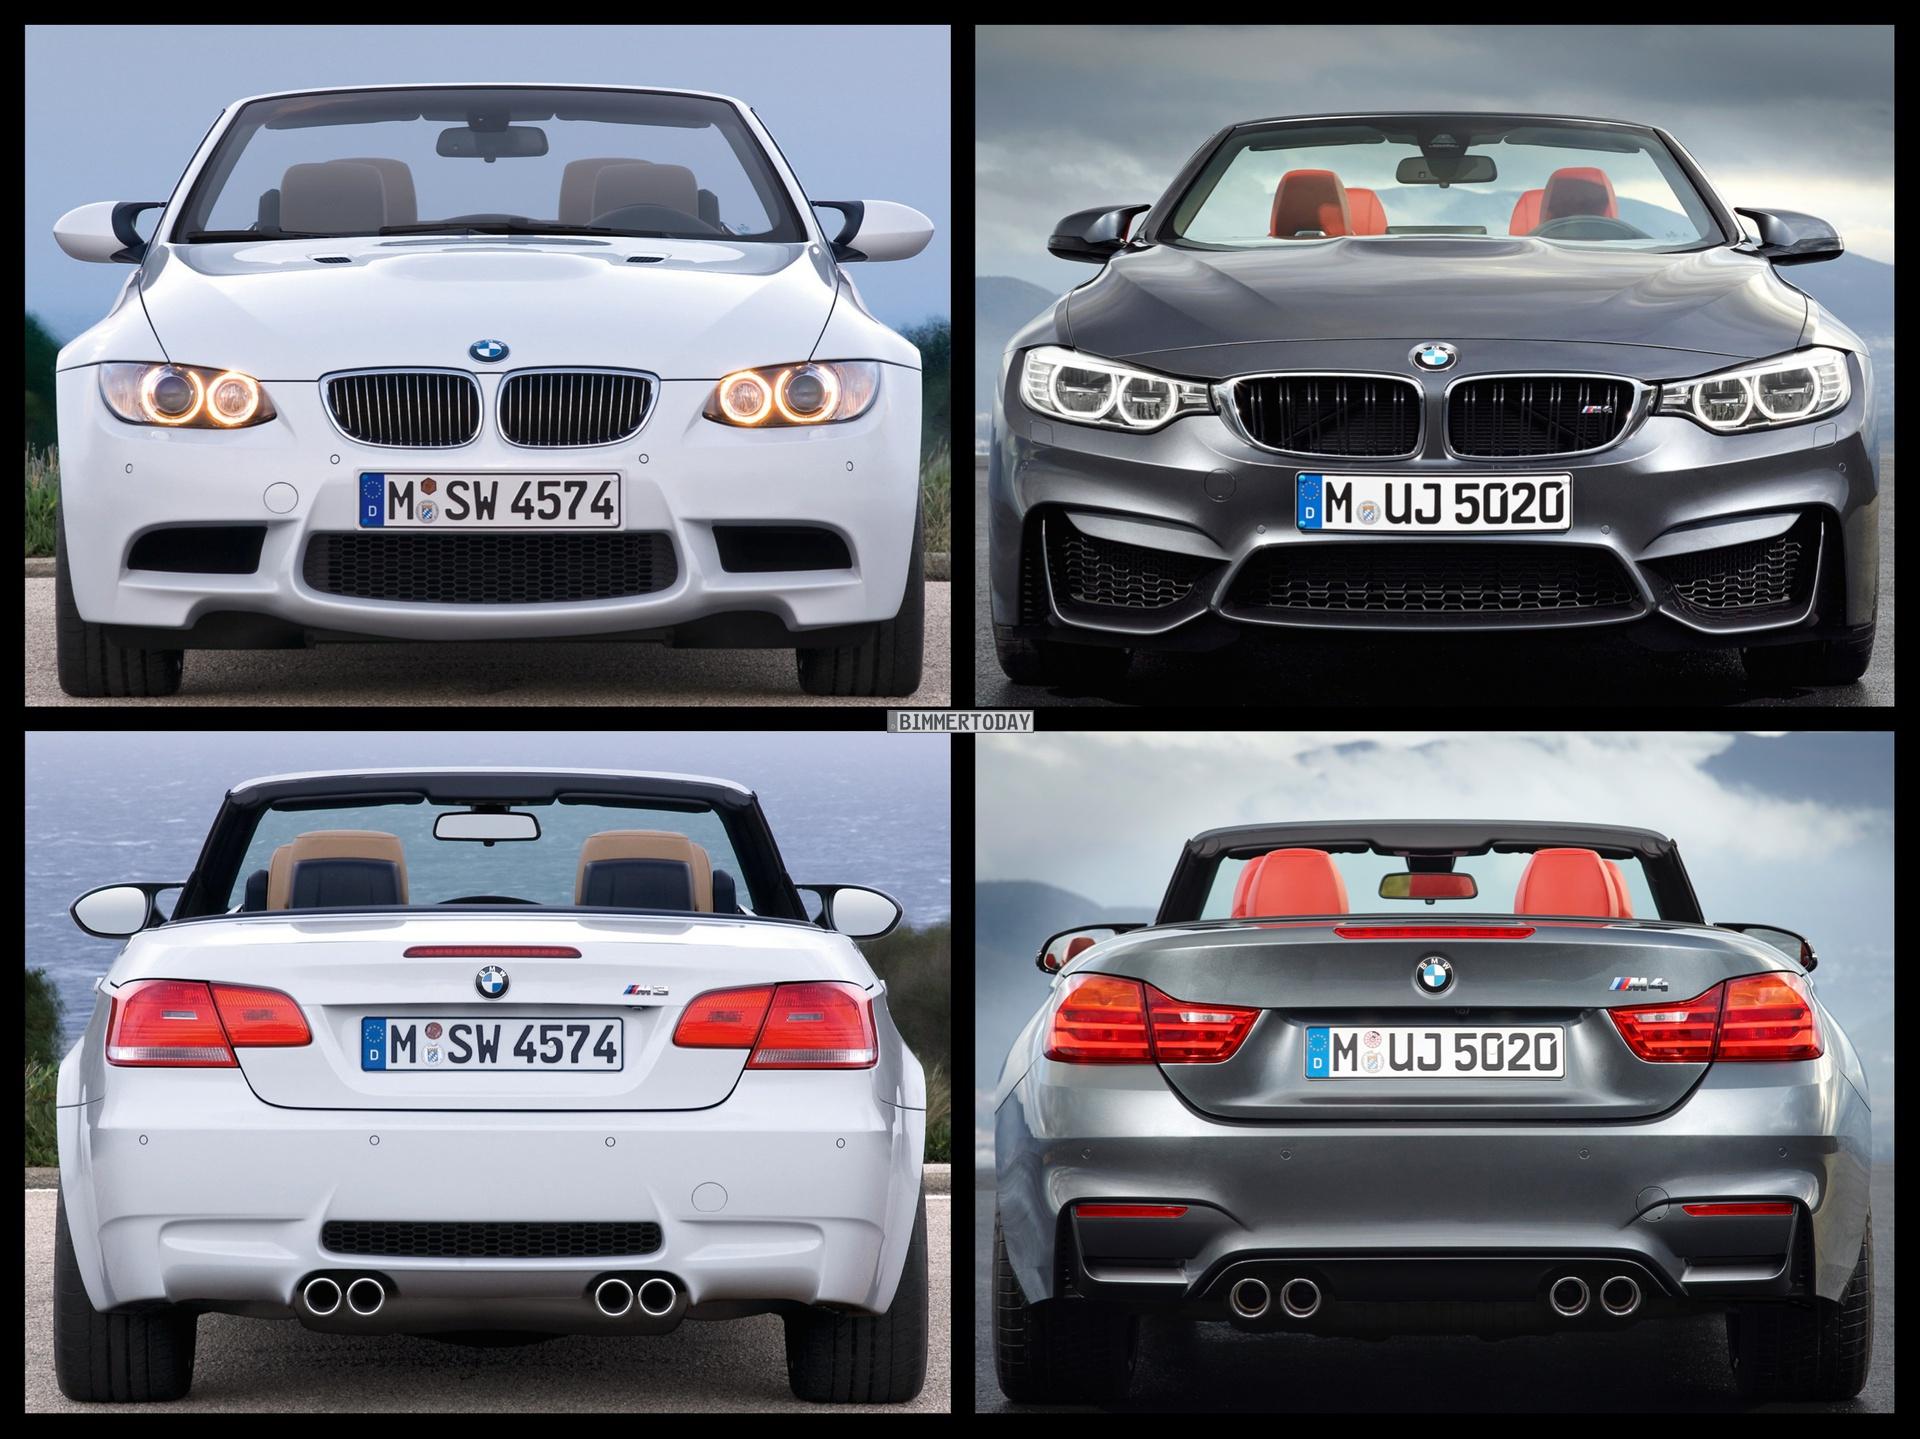 Bild Vergleich BMW M4 F83 M3 E93 Cabrio 05